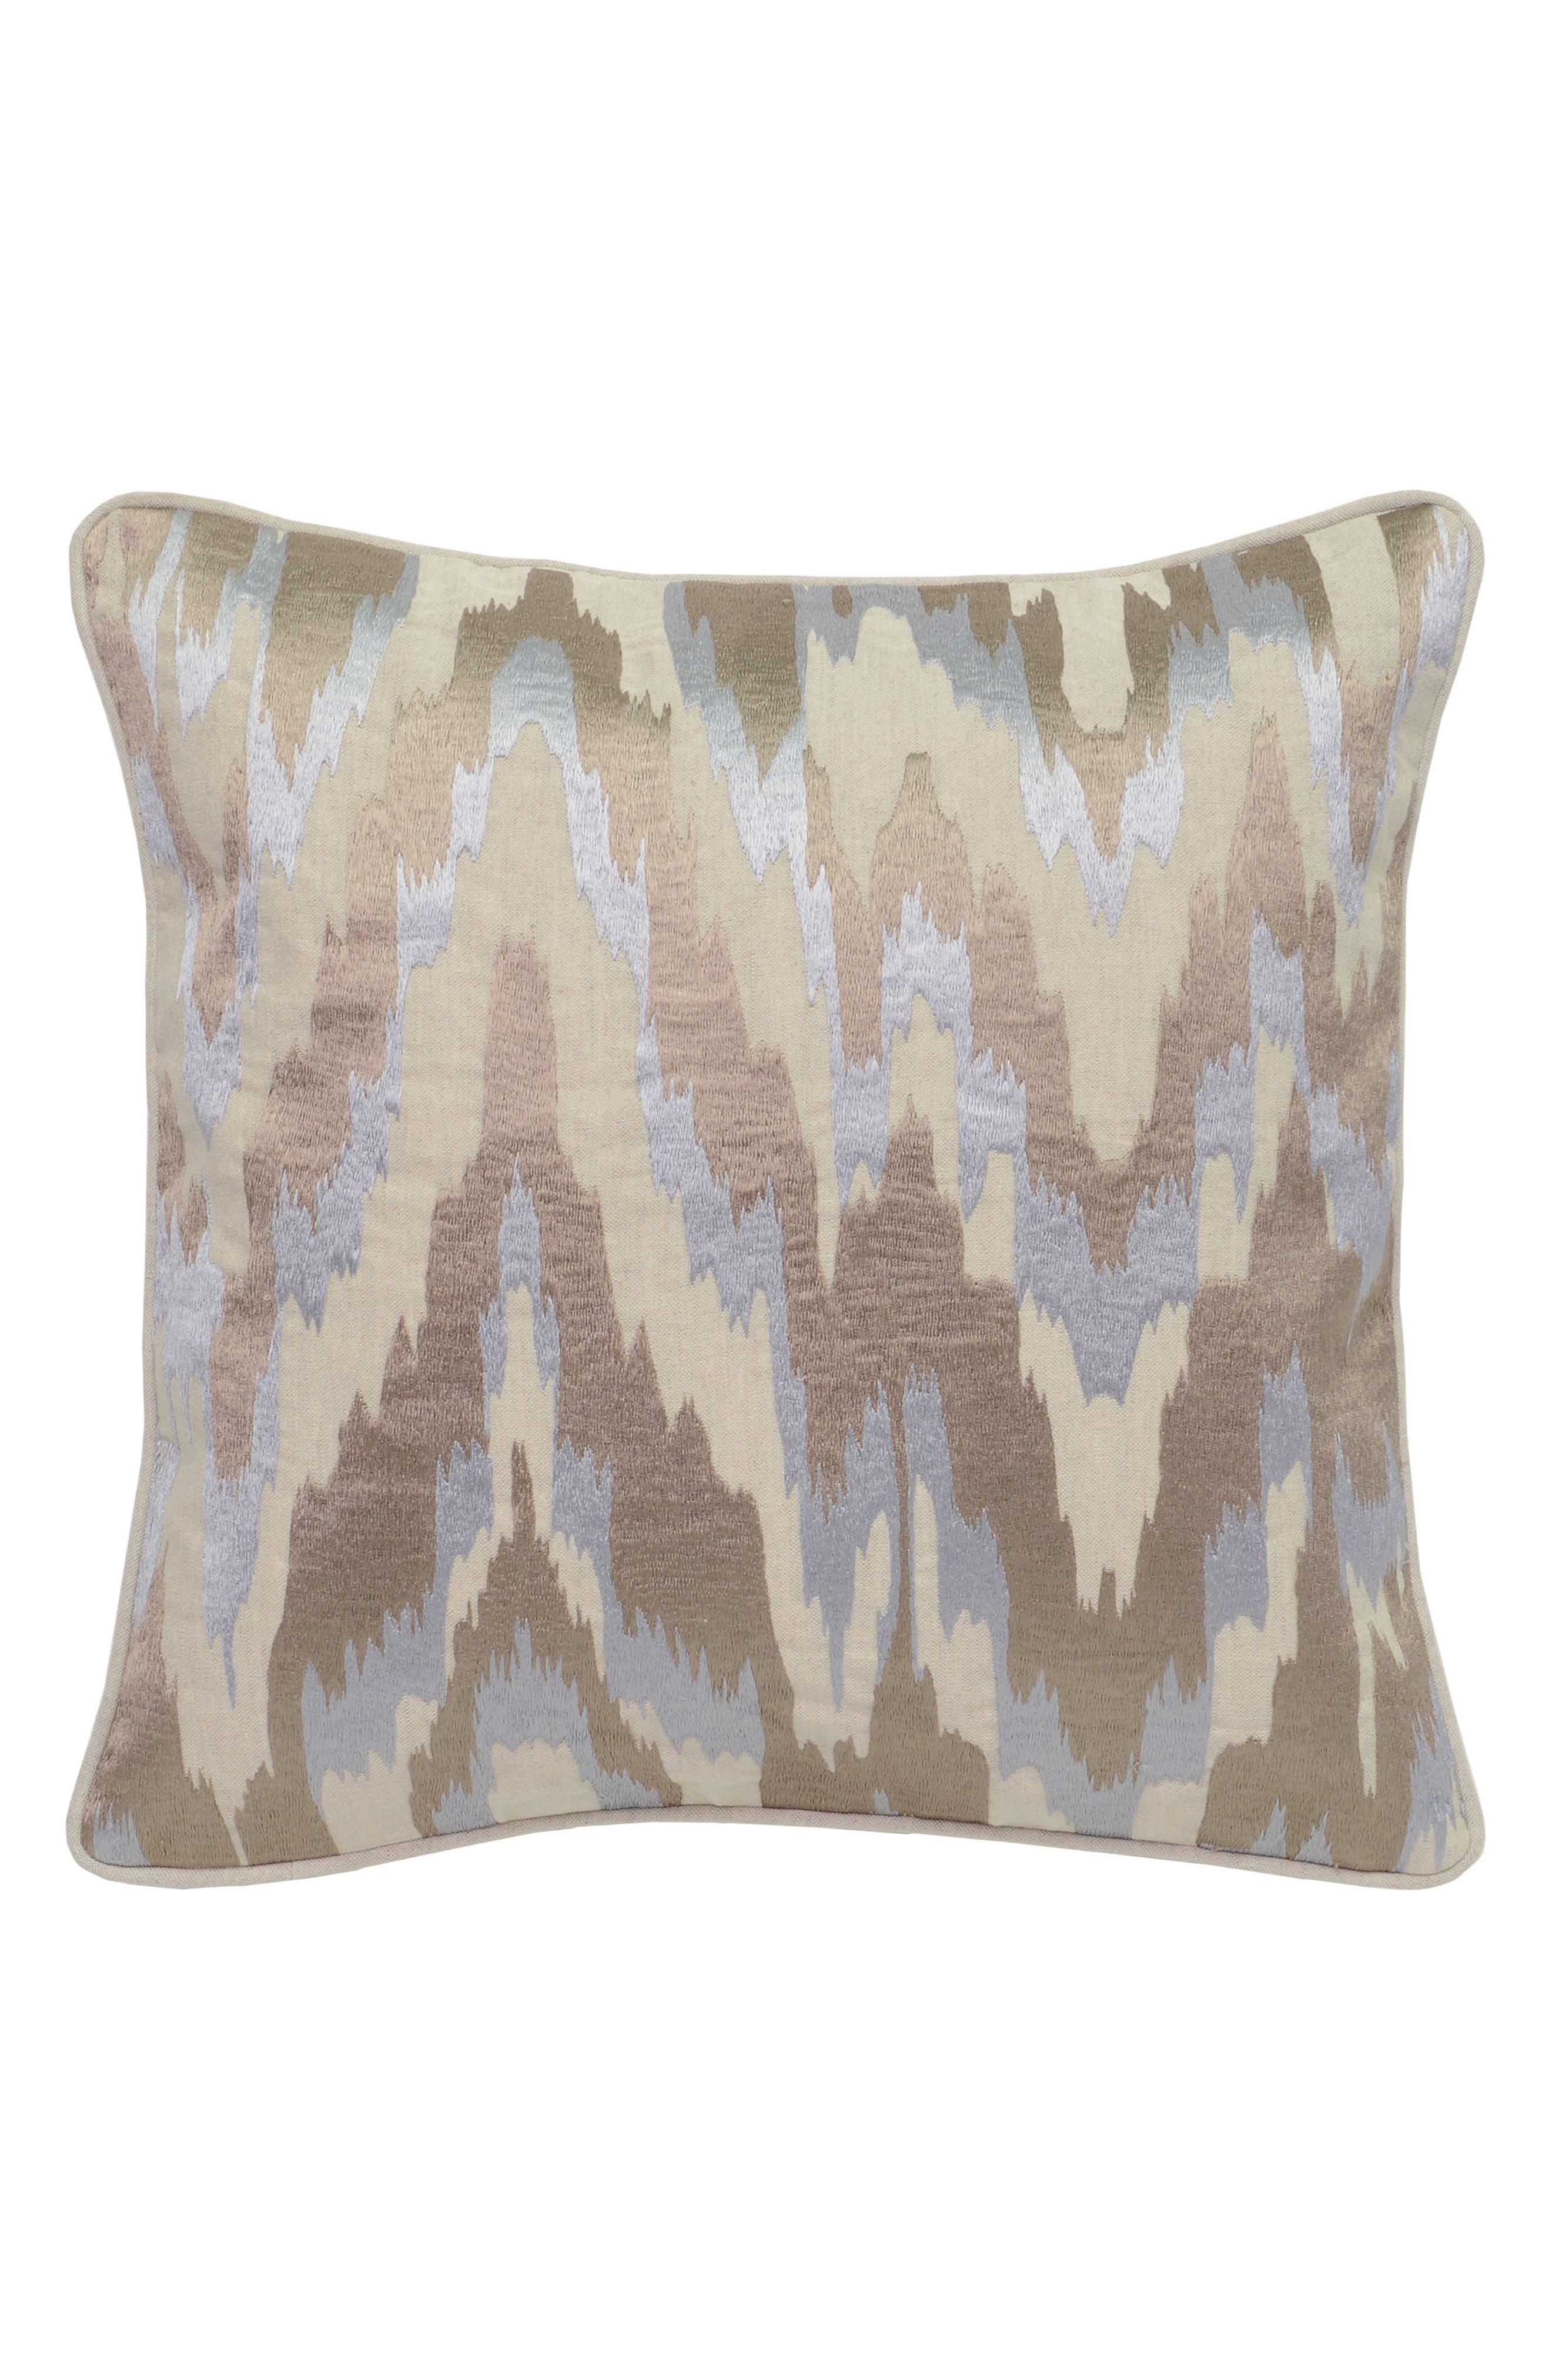 Villa Home Collection Alina Accent Pillow